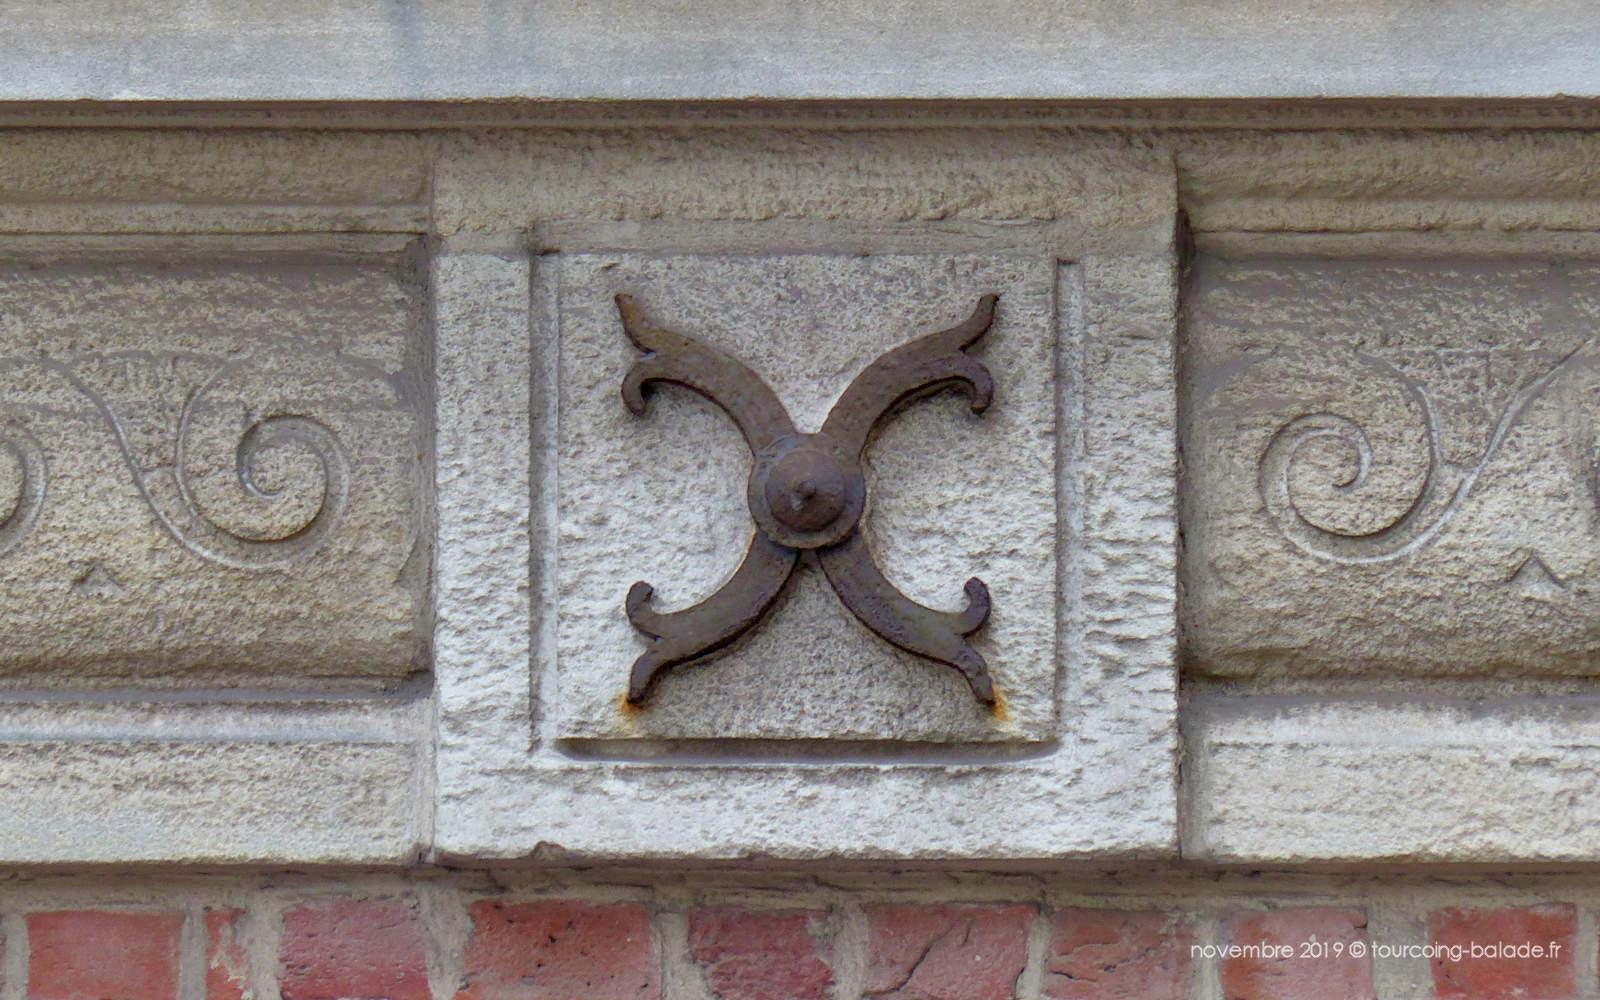 Conservatoire de Tourcoing - Ancre (architecture)